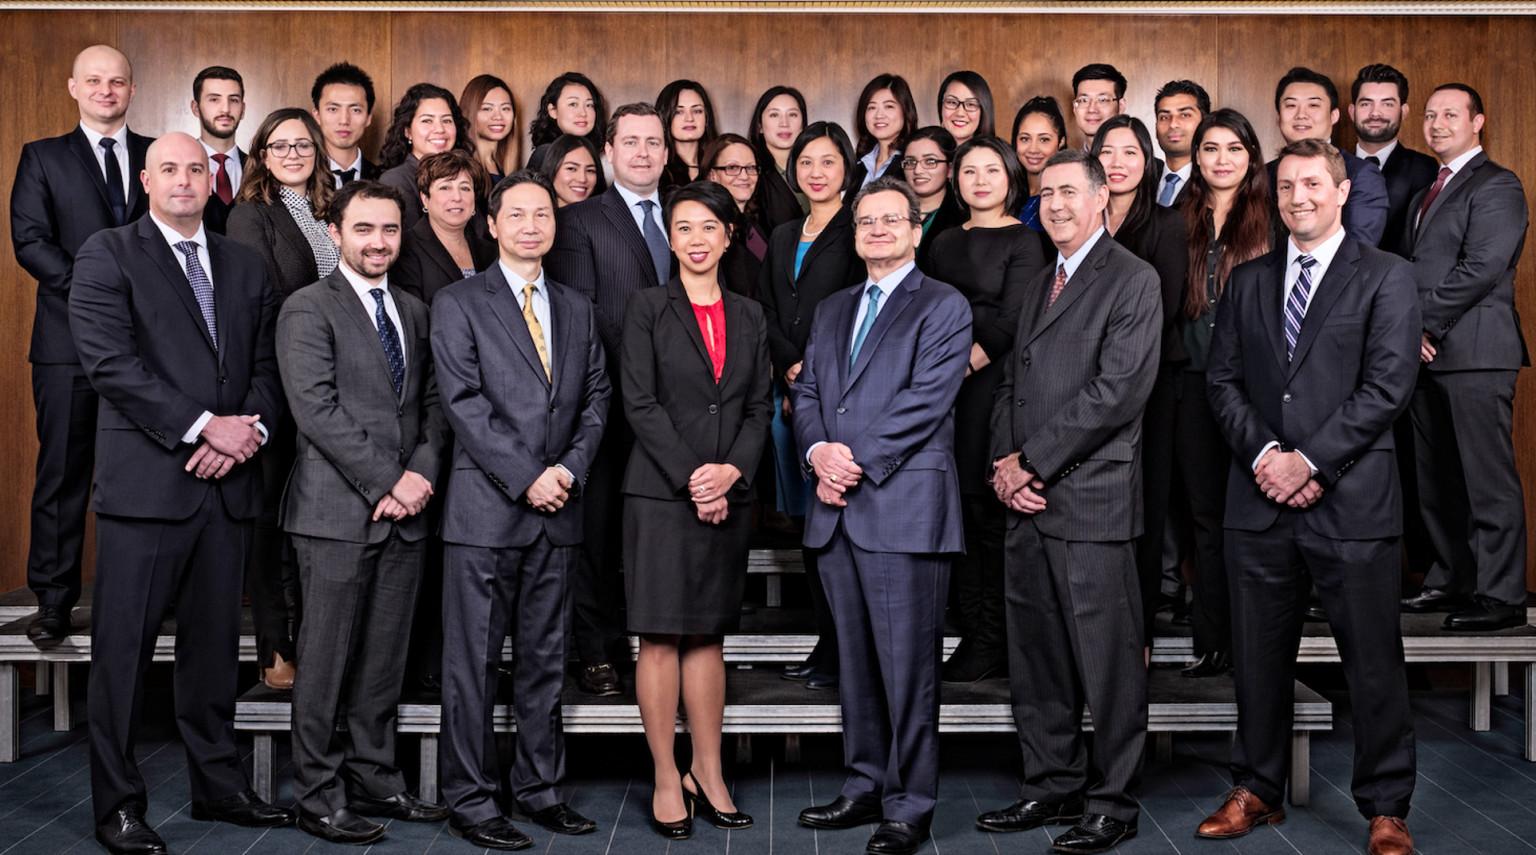 Đội ngũ trung tâm vùng CanAm Enterprises hơn 30 năm kinh nghiệm